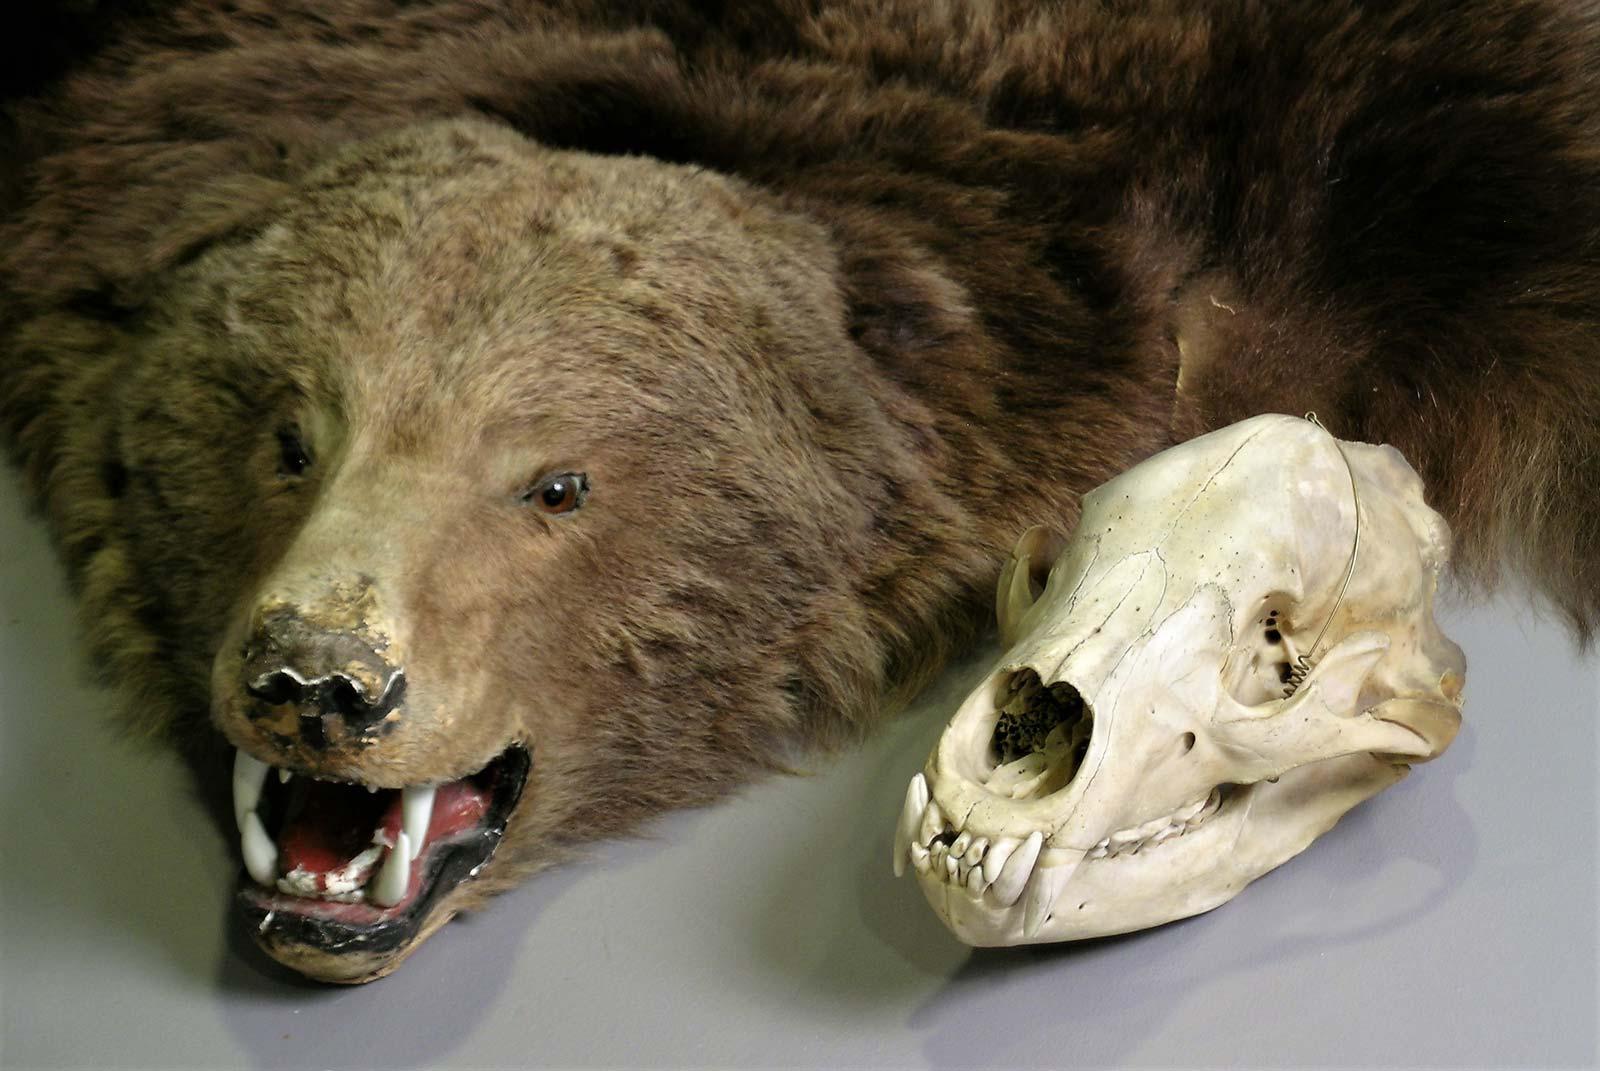 Vuonna 1929 Suistamon Loimolassa kaadetun karhun talja ja kallo.